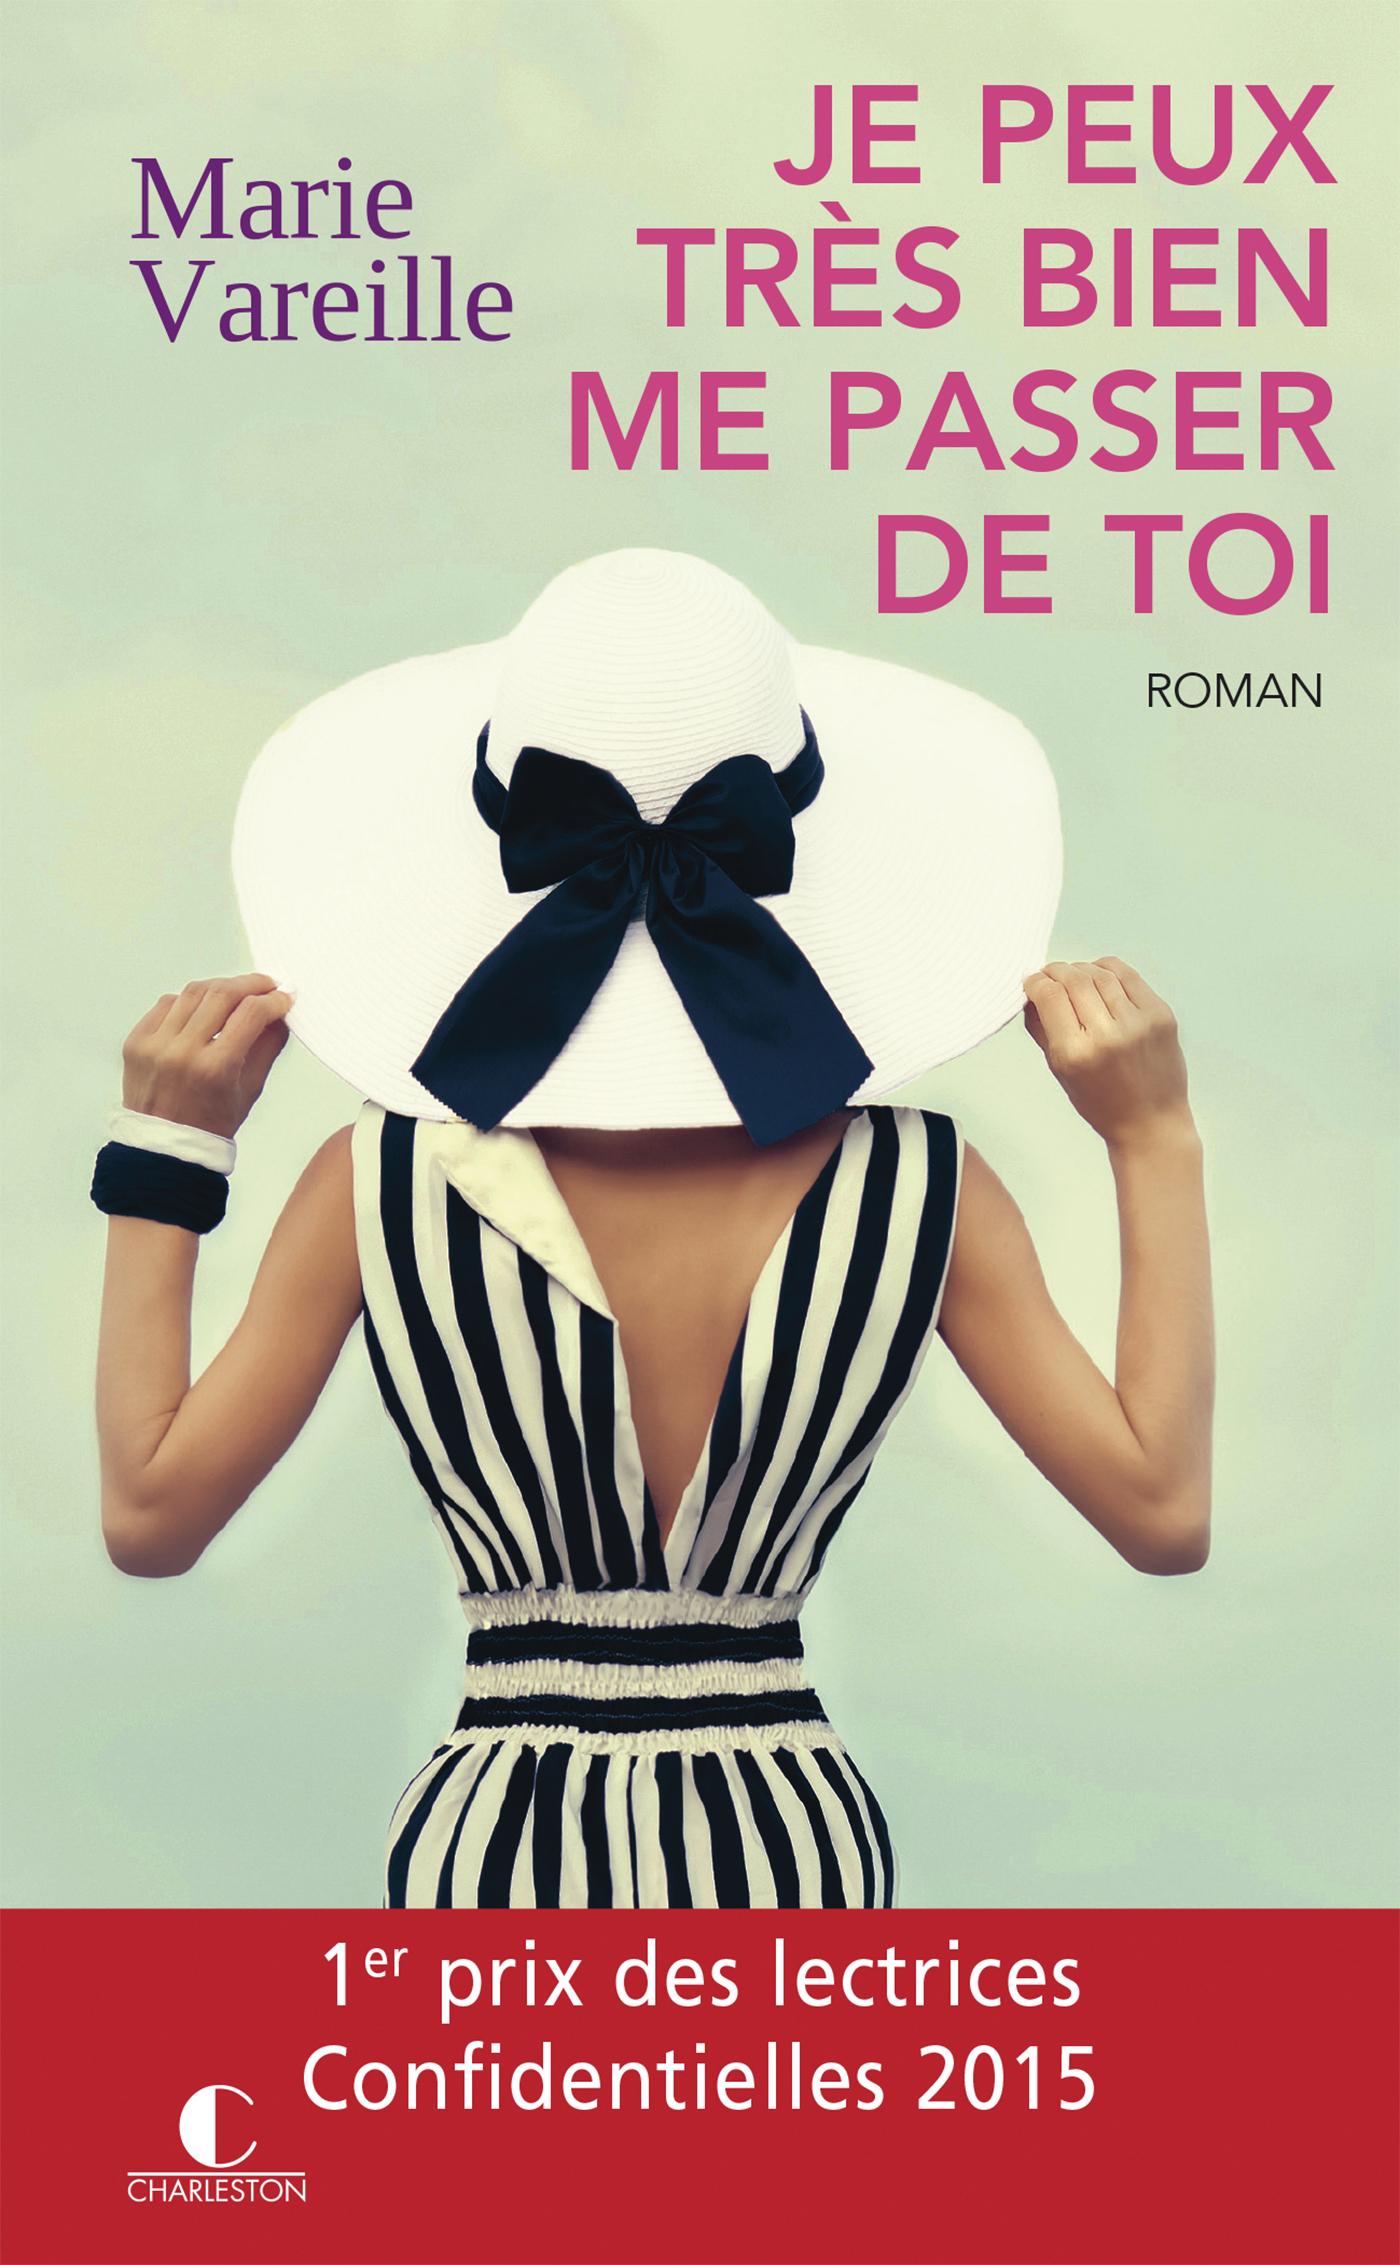 Je peux très bien me passer de toi - - Marie Vareille (EAN13 :  9782368121214) | Le site des éditions Leduc : vente en ligne de livres et  d'ebooks (livres numériques)